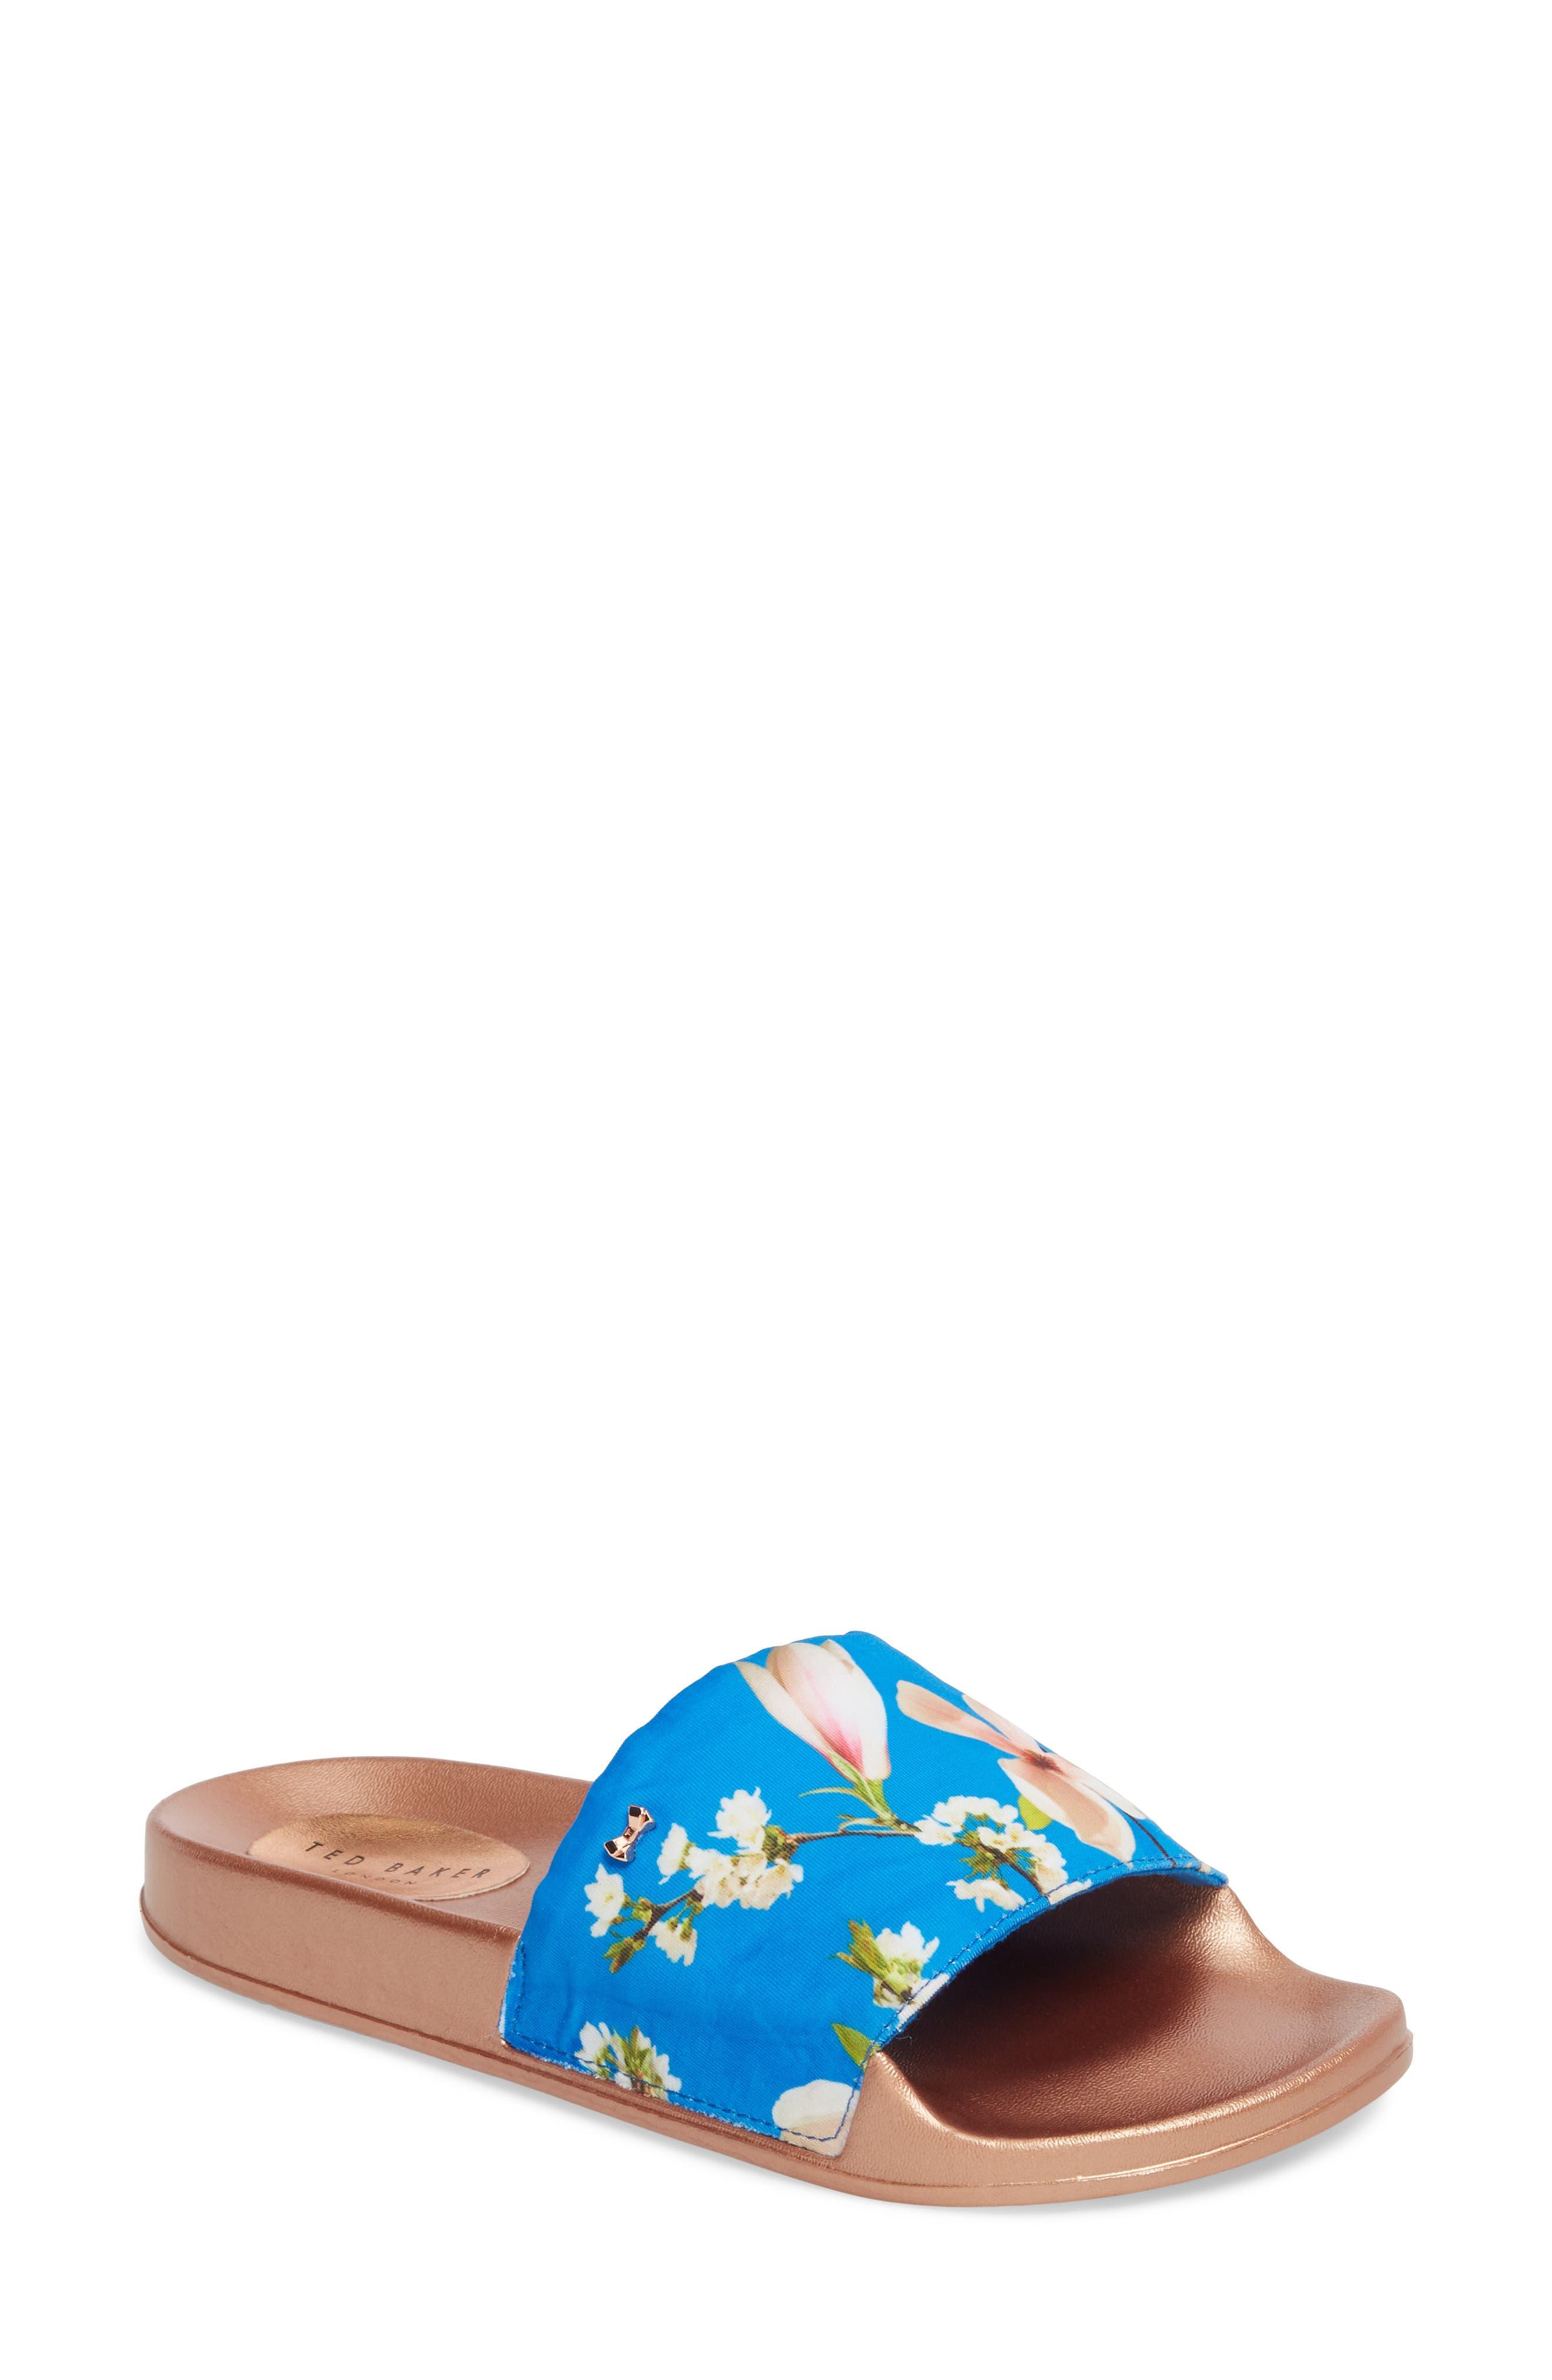 Avelinn Slide Sandal,                         Main,                         color, BLUE FABRIC